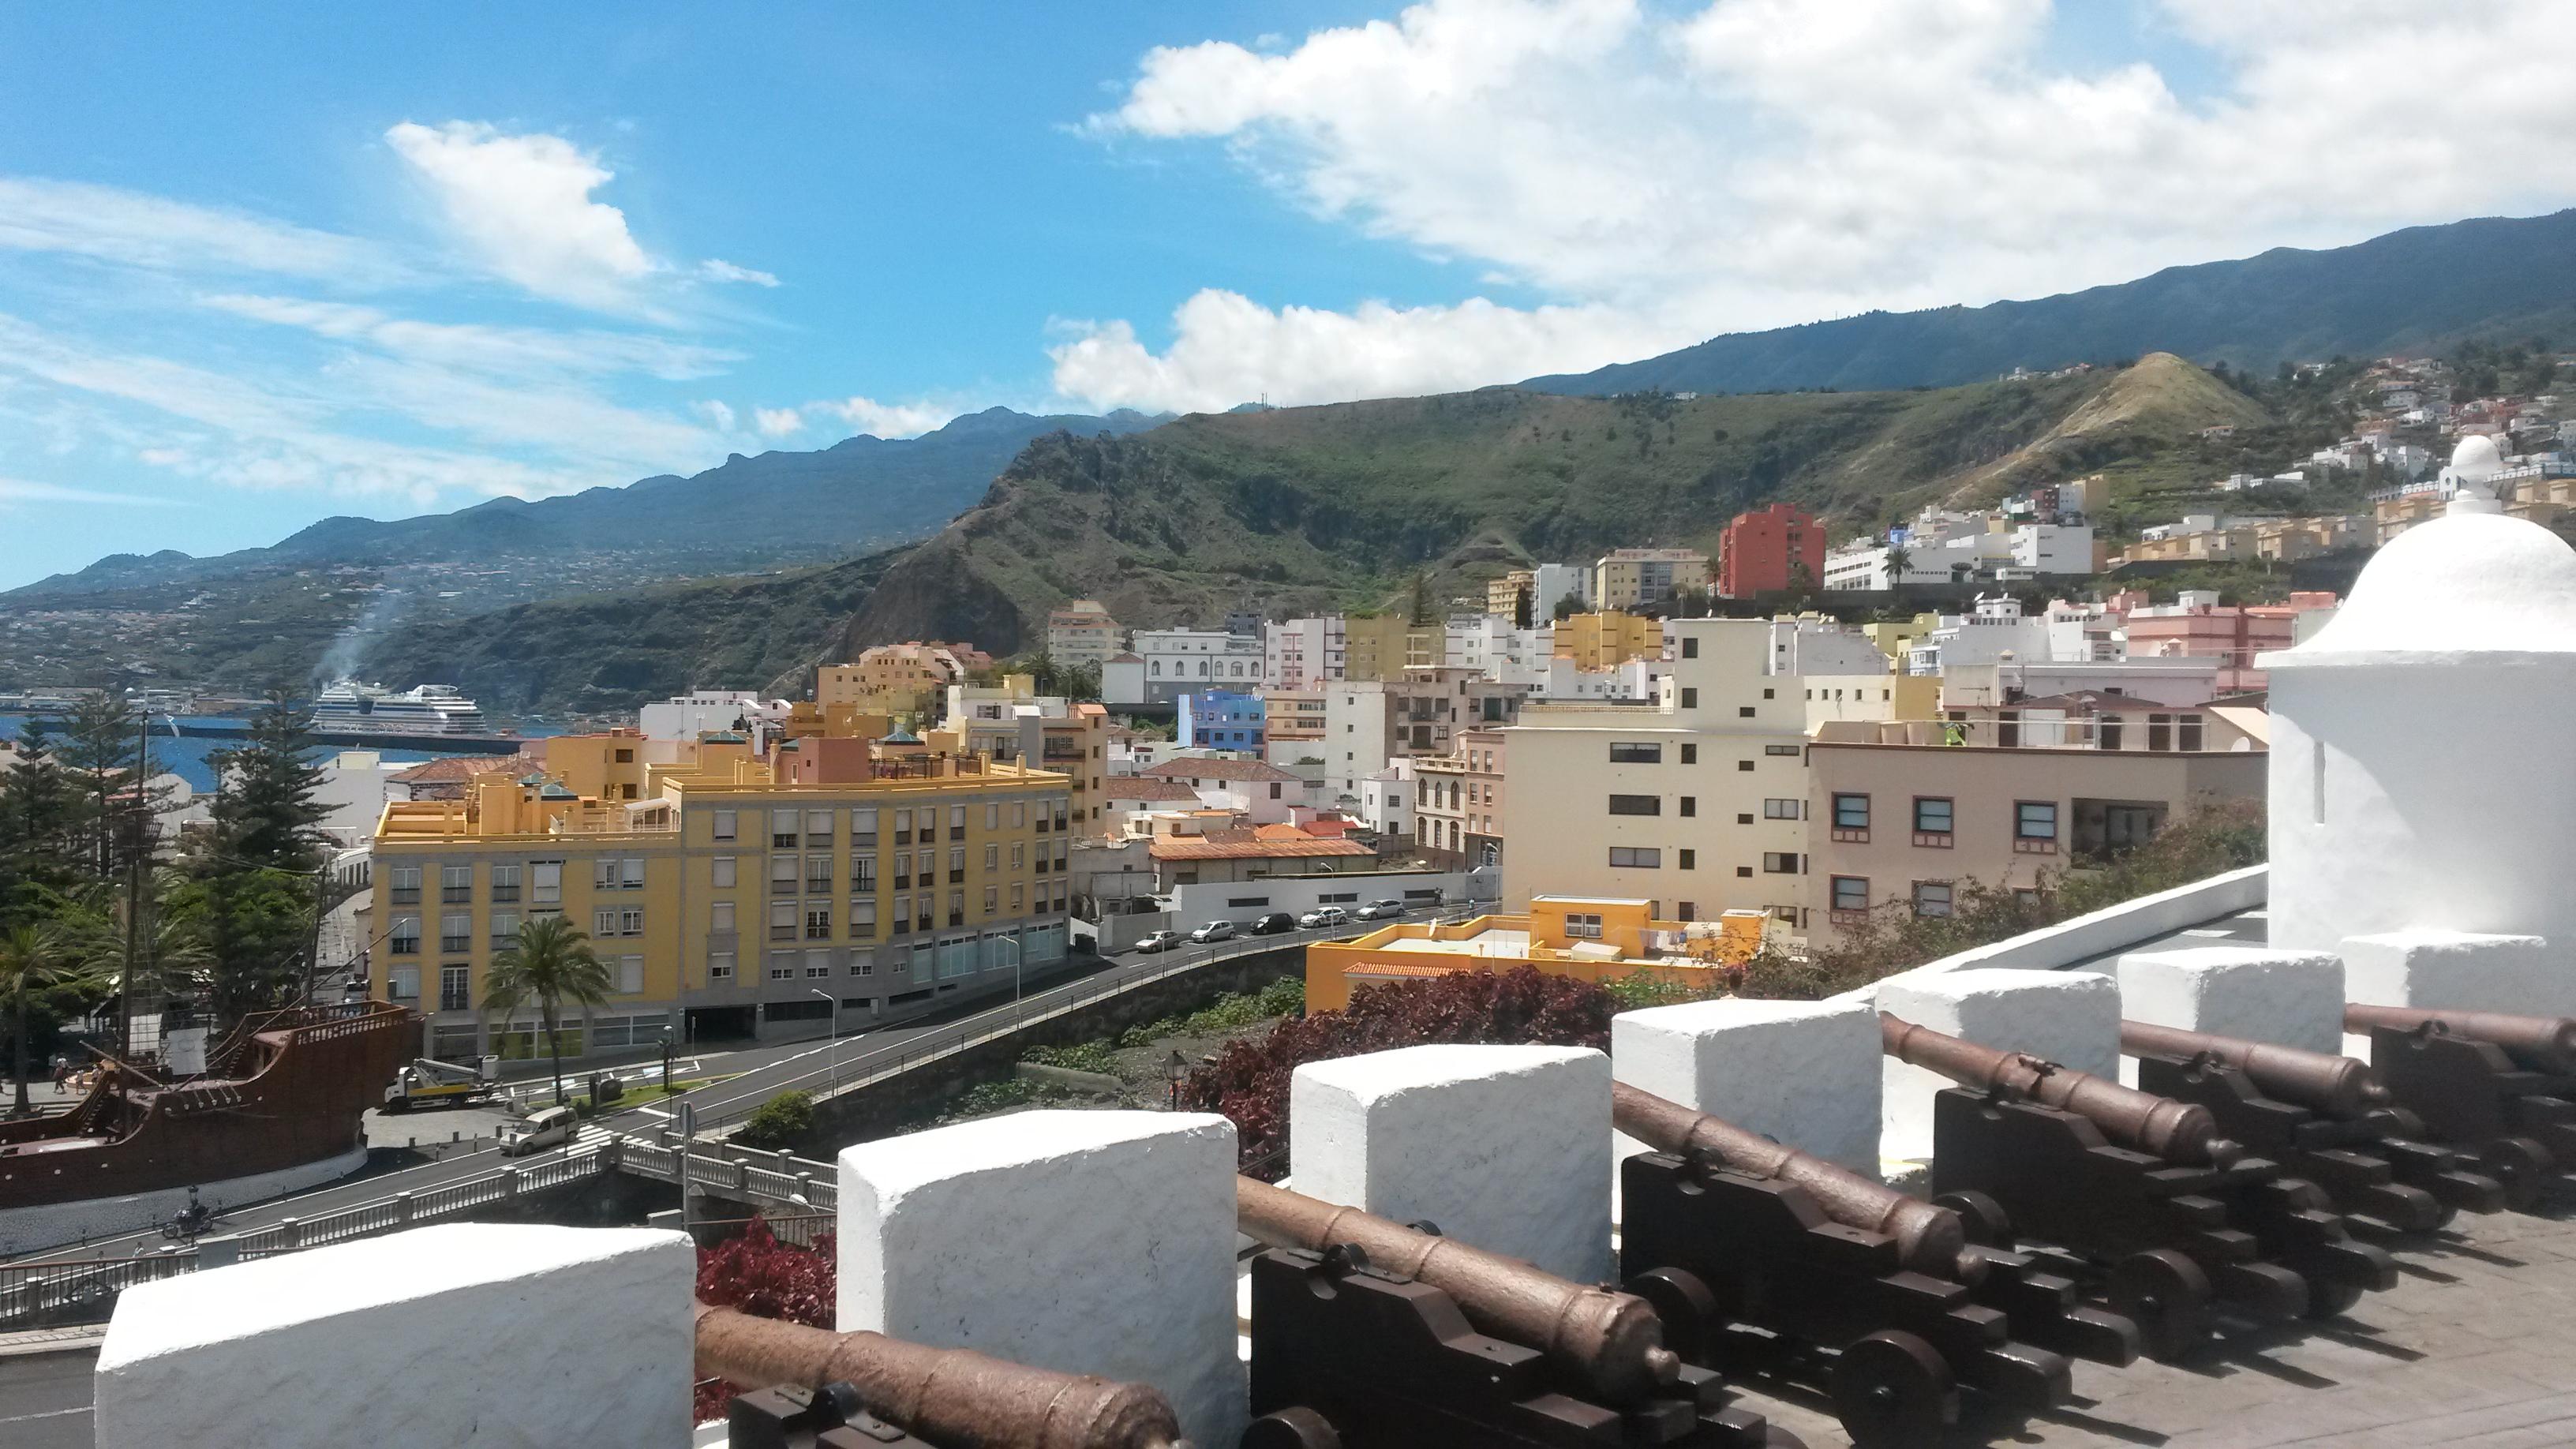 Sensationeller Blick vom Castillio De La Virgins auf den Hafen von Santa Cruz de la Palma, mit der AIDAsol im Hintergrund